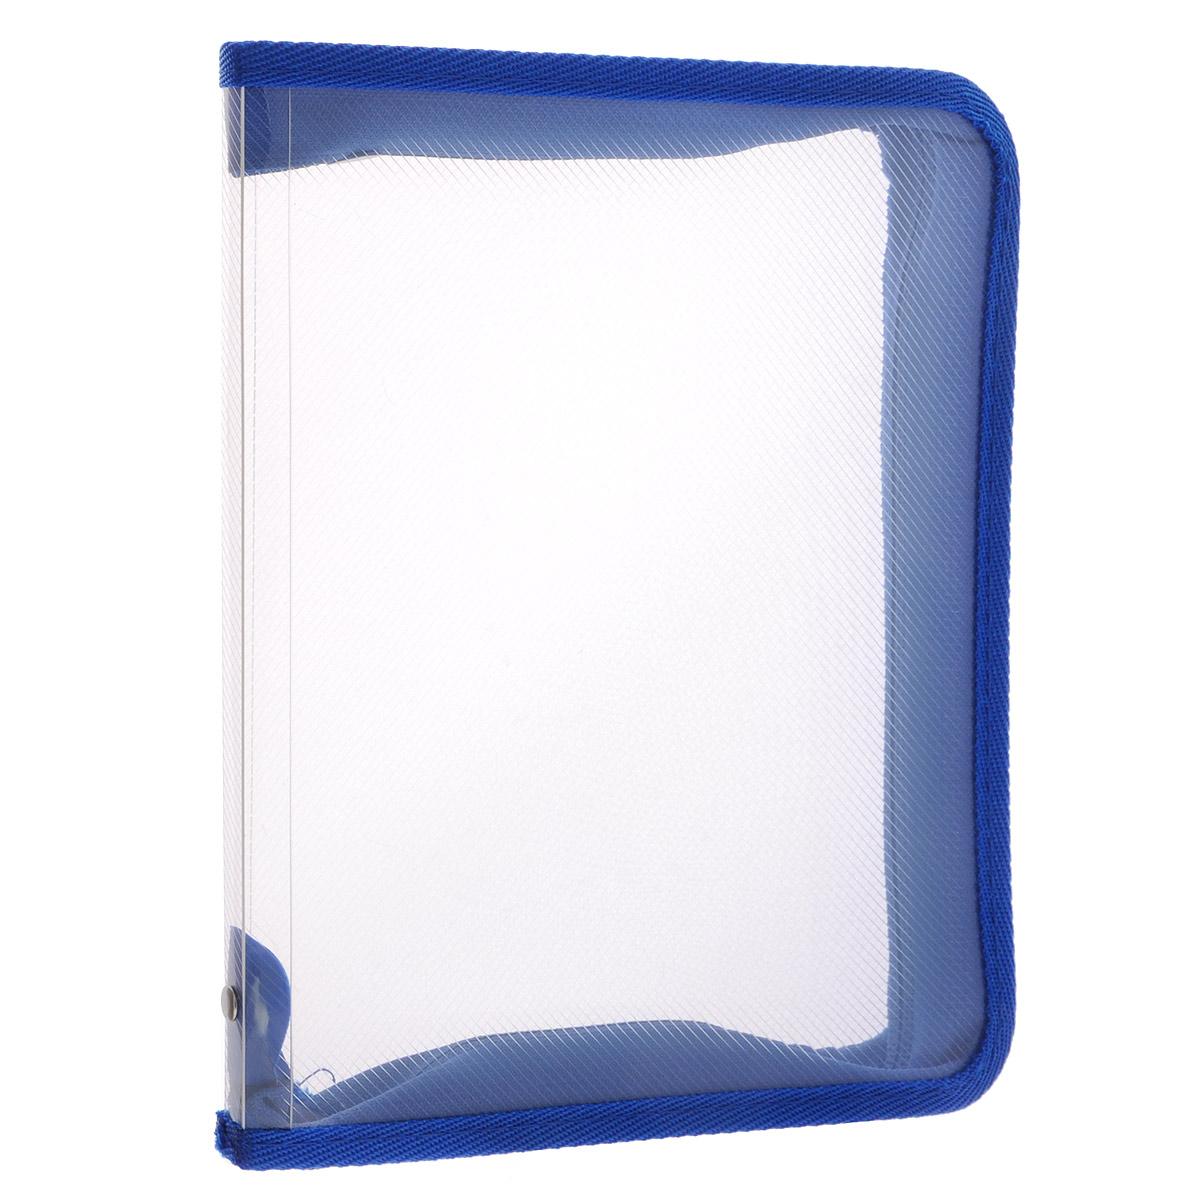 Папка Erich Krause, на молнии, цвет: синий, прозрачный. Формат А450120Папка Erich Krause - это удобный и функциональный офисный инструмент, предназначенный для хранения и транспортировки рабочих бумаг и документов формата А4, а также тетрадей и канцелярских принадлежностей. В папке одно вместительное отделение. Папка изготовлена из прочного высококачественного пластика, закрывается на круговую застежку-молнию. Папка состоит из одного отделения. Папка оформлена оригинальным принтом в виде мелкой клетки. Папка имеет опрятный и неброский вид. Края папки отделаны полиэстером, а уголки имеют закругленную форму, что предотвращает их загибание и помогает надолго сохранить опрятный вид обложки. Папка - это незаменимый атрибут для любого студента, школьника или офисного работника. Такая папка надежно сохранит ваши бумаги и сбережет их от повреждений, пыли и влаги. Надежная застежка-молния вокруг папки обеспечивает максимальный комфорт в использовании изделия, позволяя быстро открыть и закрыть папку.